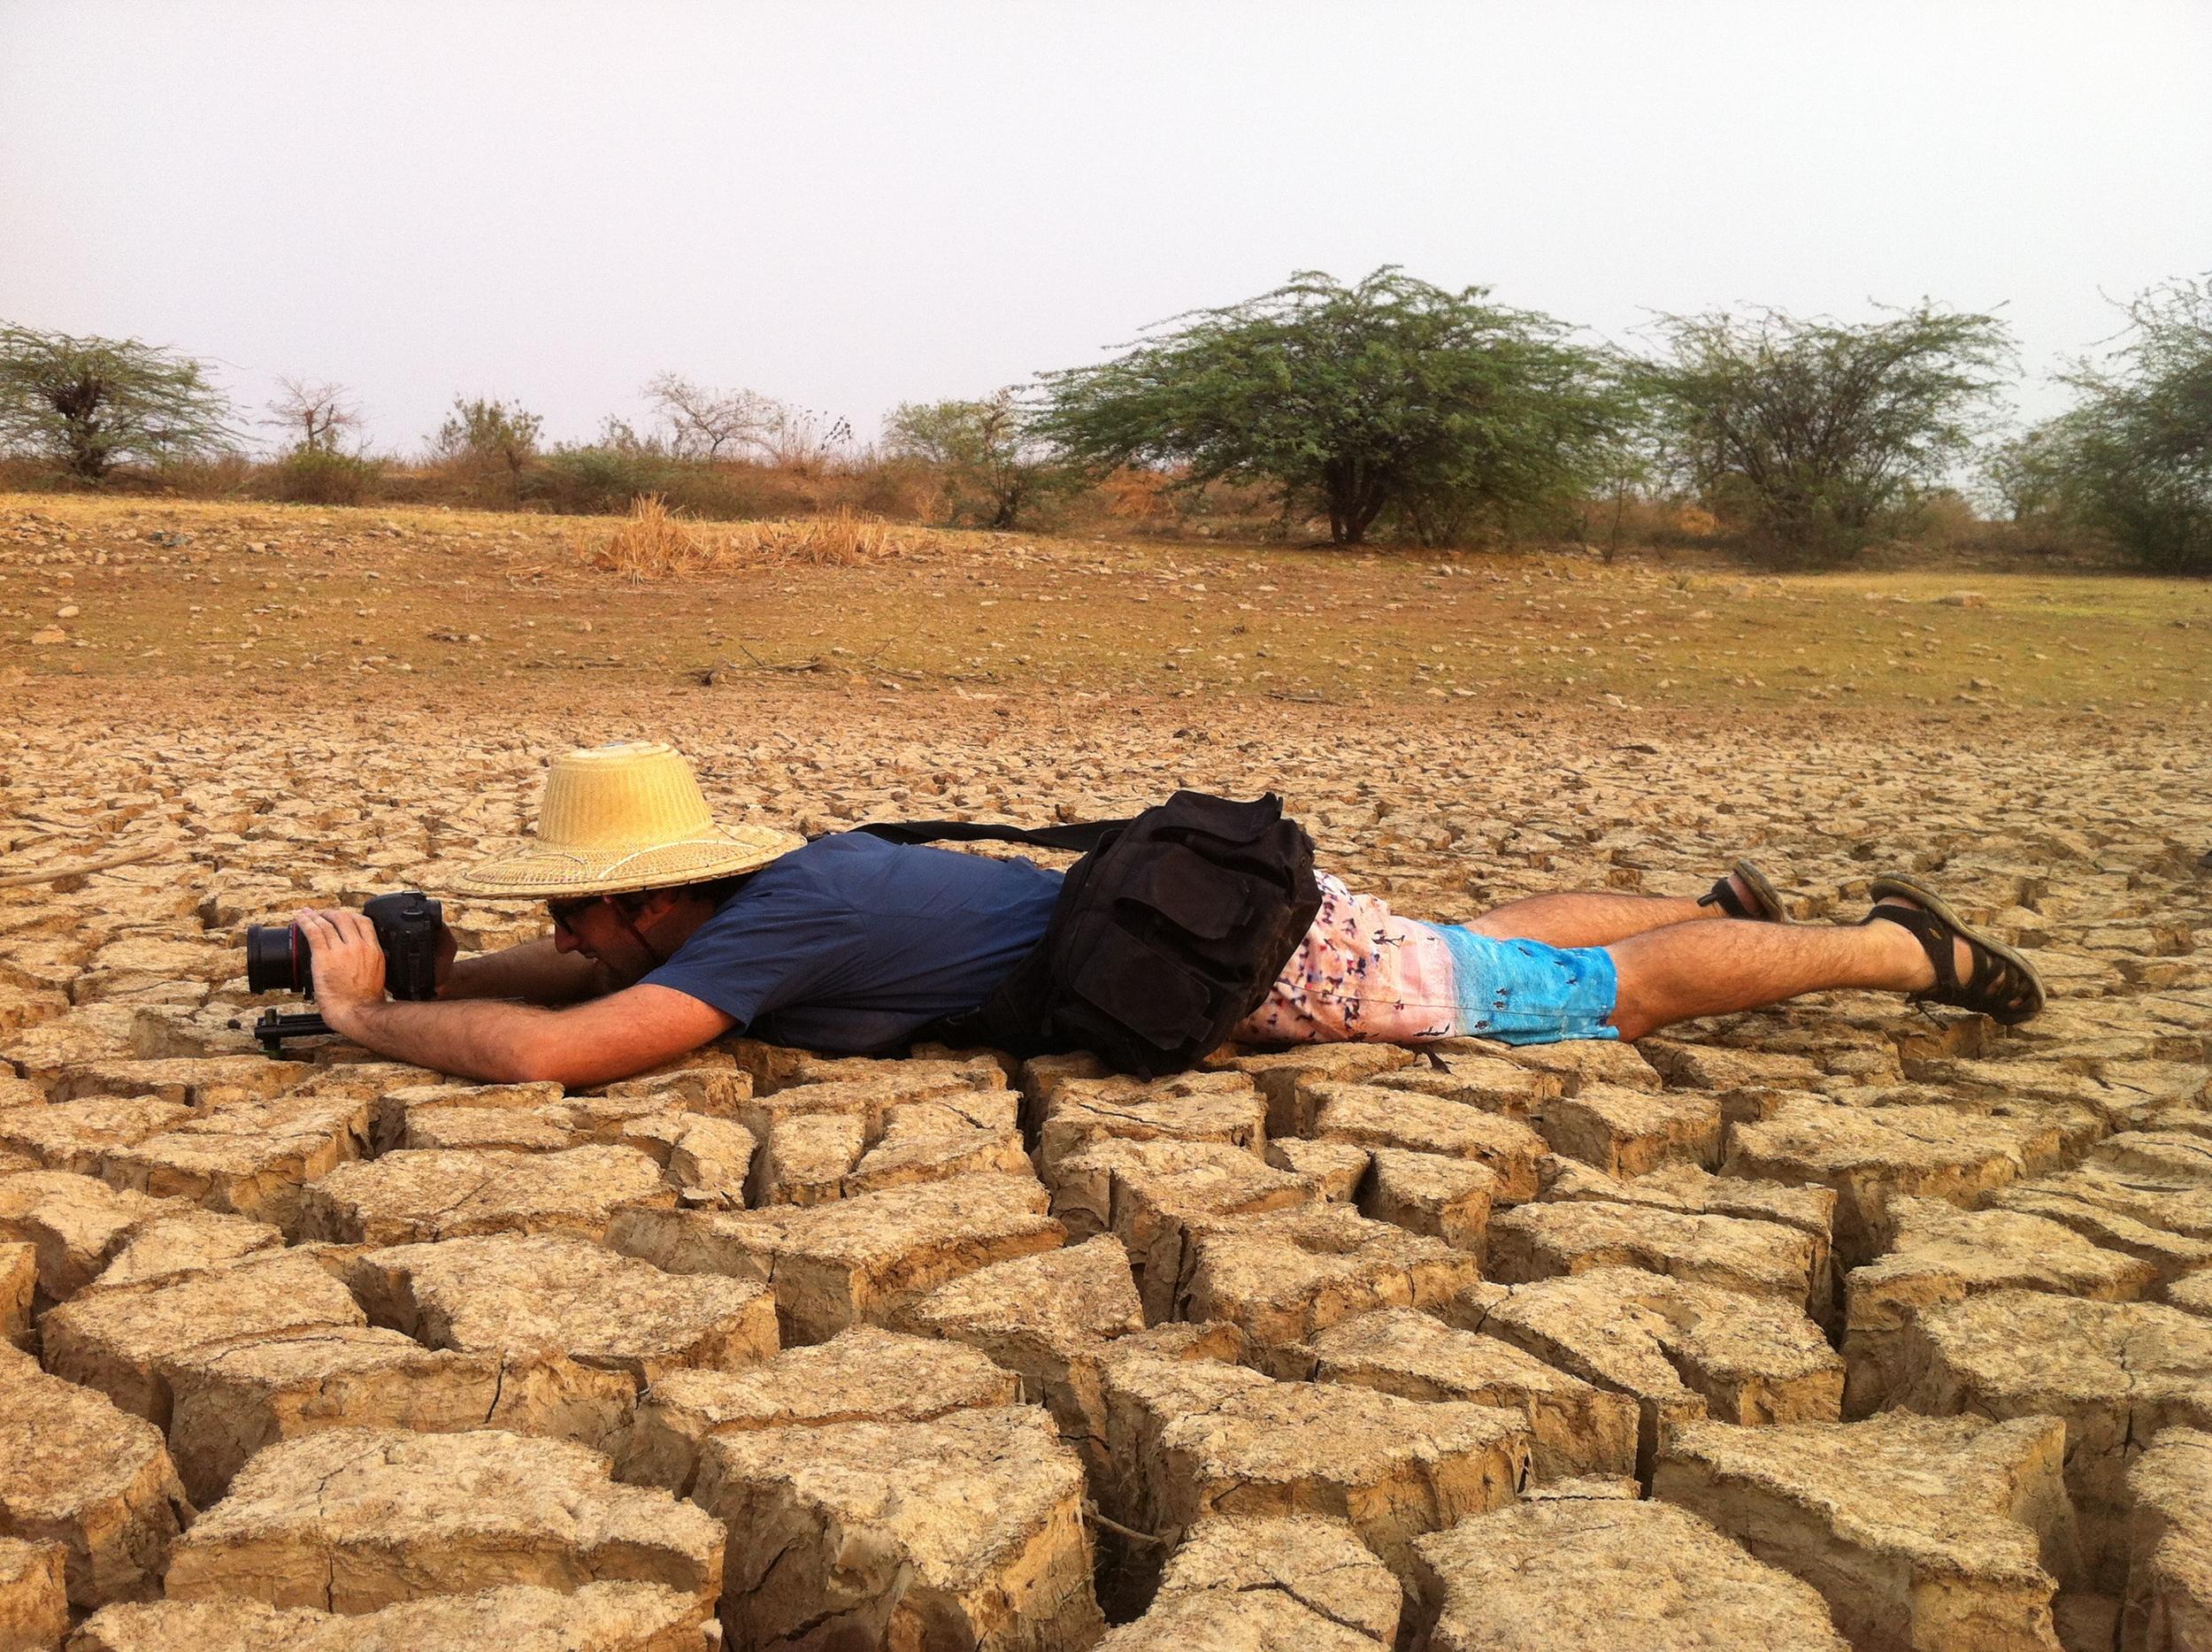 Michael Duff working in Burma